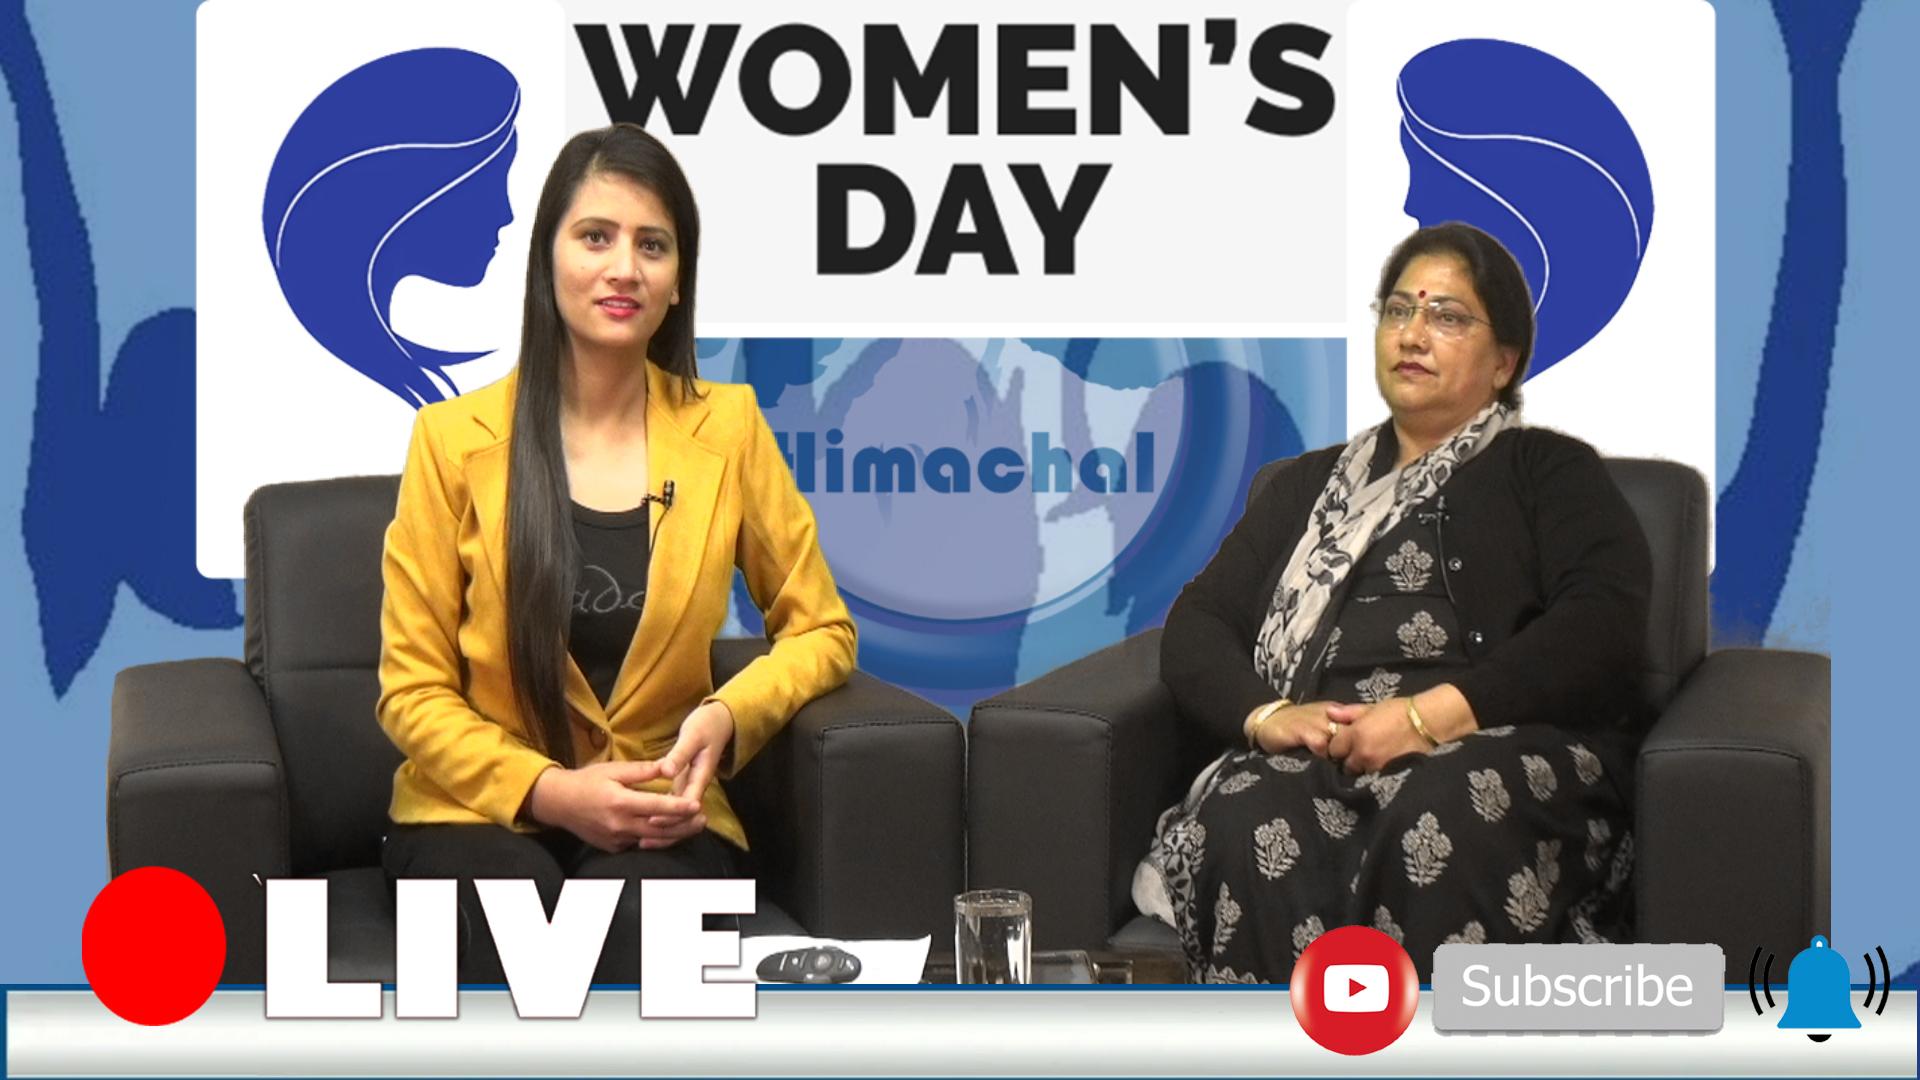 अंतरराष्ट्रीय महिला दिवस पर बीडीसी चेयरमैन बबीता संधू से विशेष बातचीत